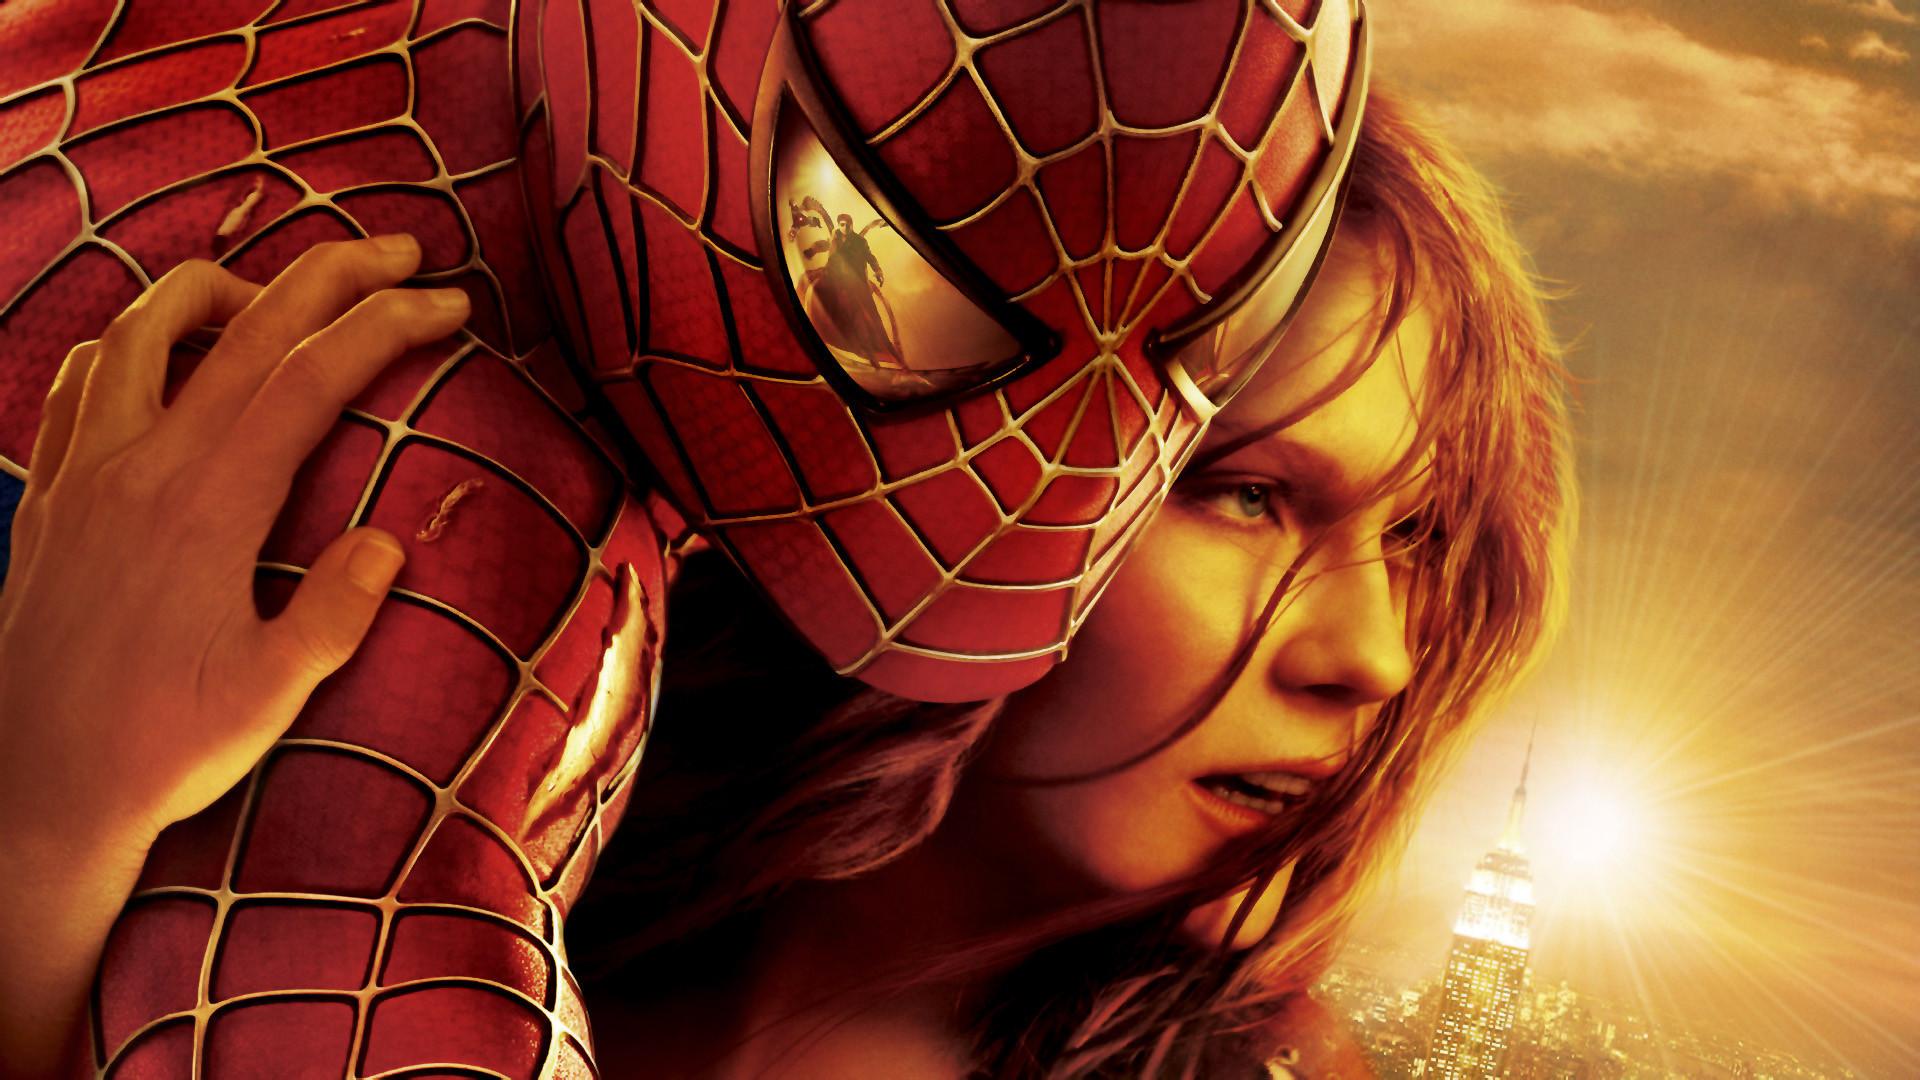 Spider-man 2 the movie